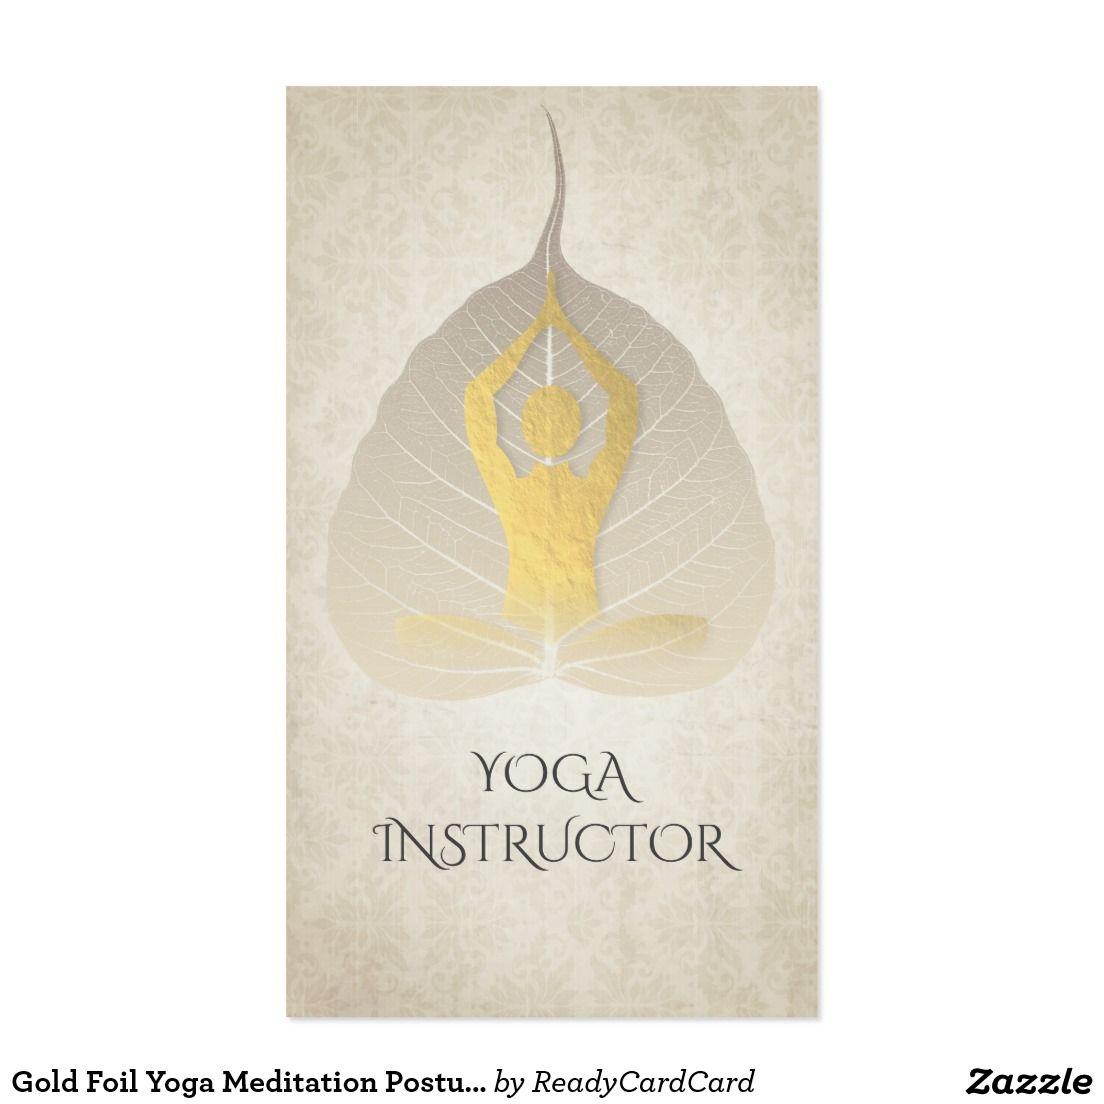 Gold Foil Yoga Meditation Posture With Bodhi Leaf Business Card